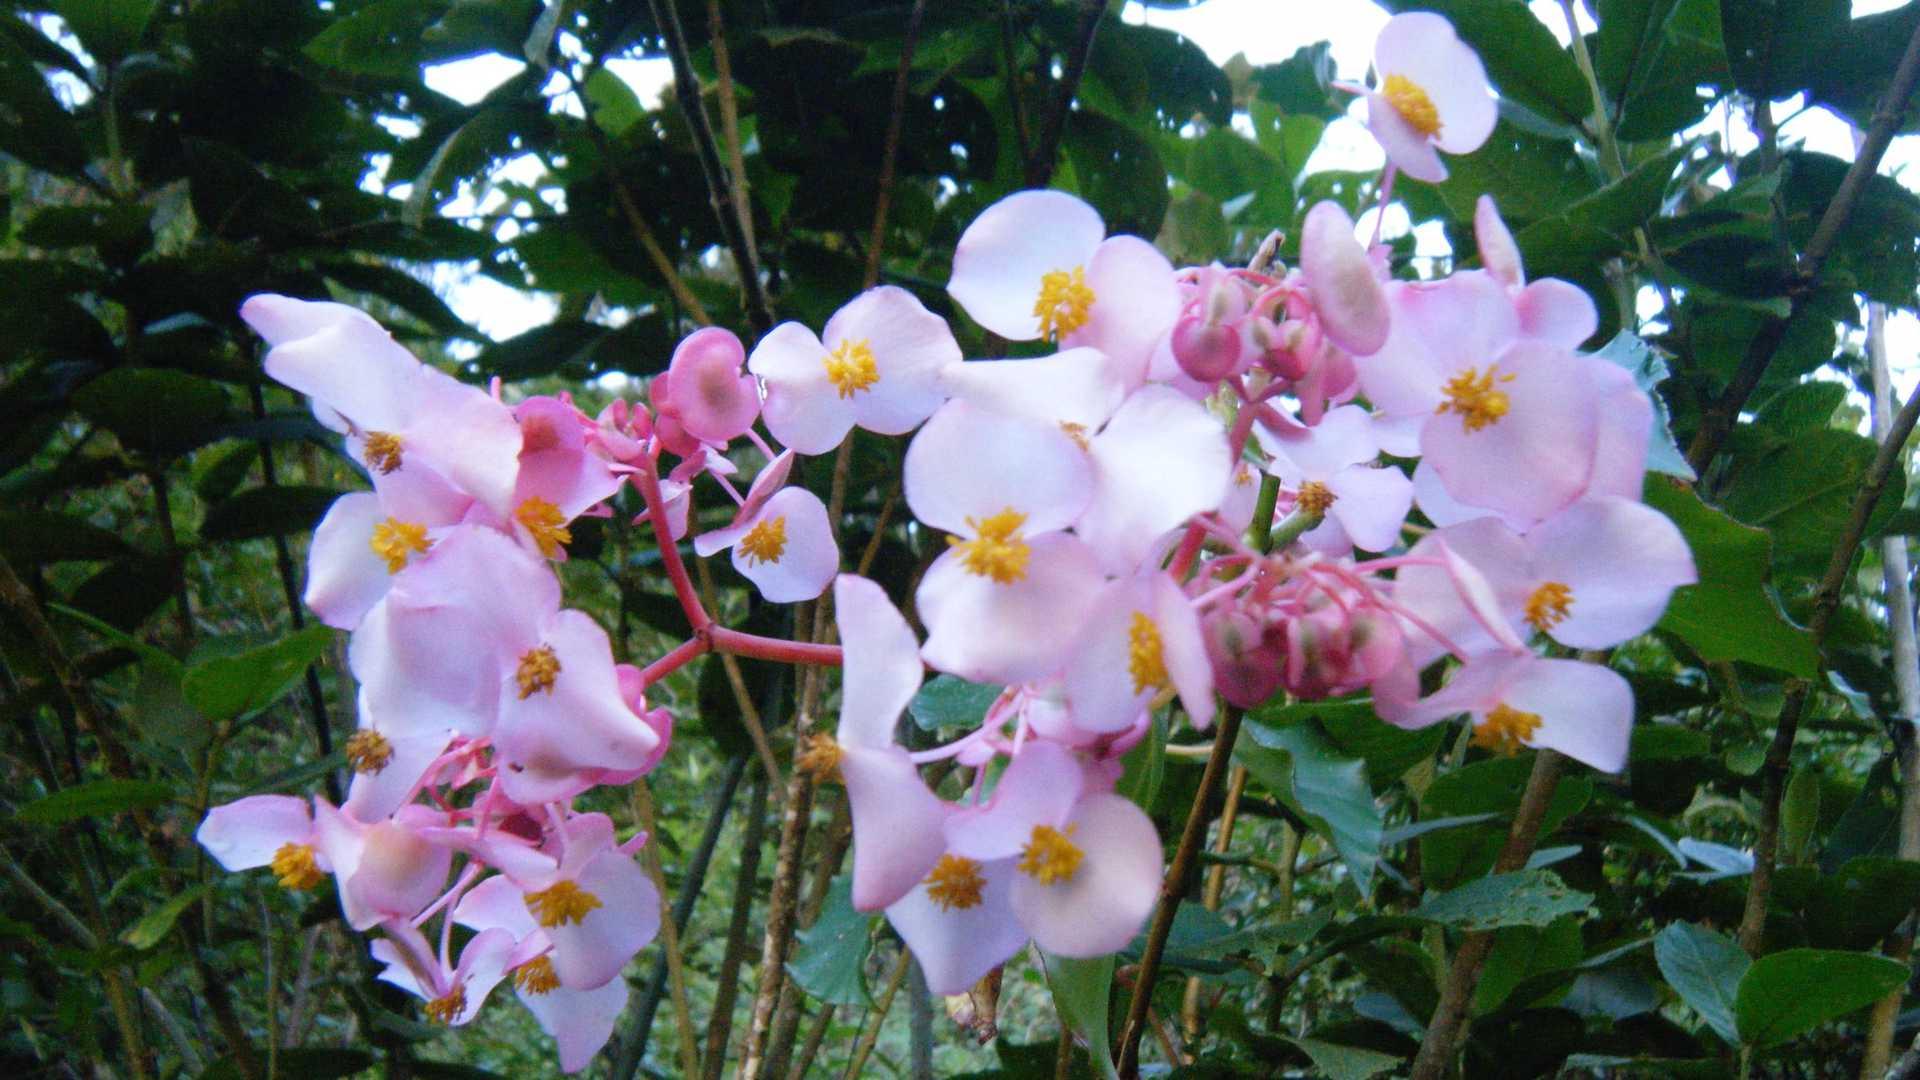 Flora on the Inca Jungle Trail to Machu Picchu